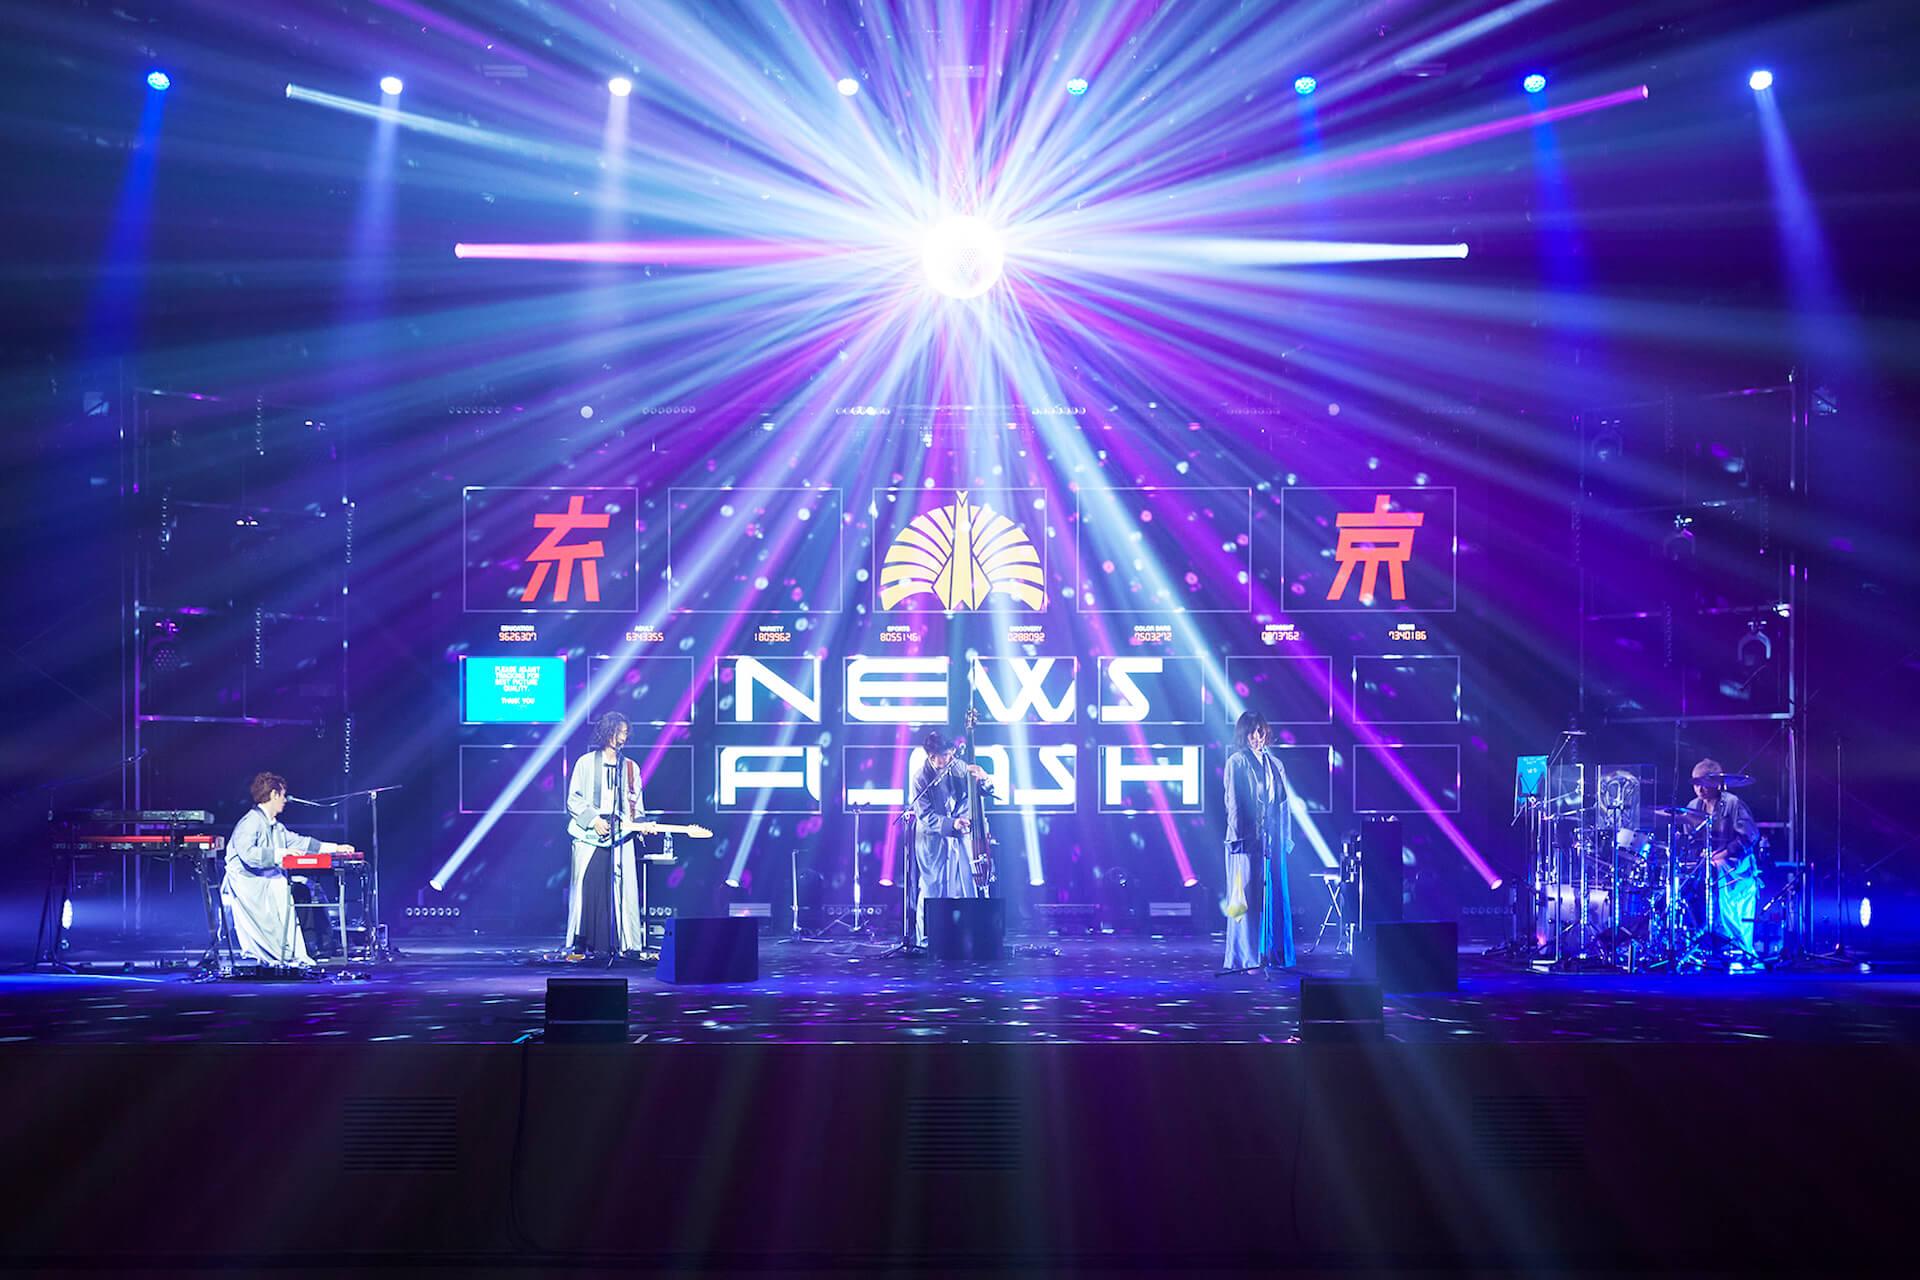 東京事変、ツアー<ニュースフラッシュ>と同演目のライブ映像を配信&映画館上映決定! music200824_tokyoincident_5